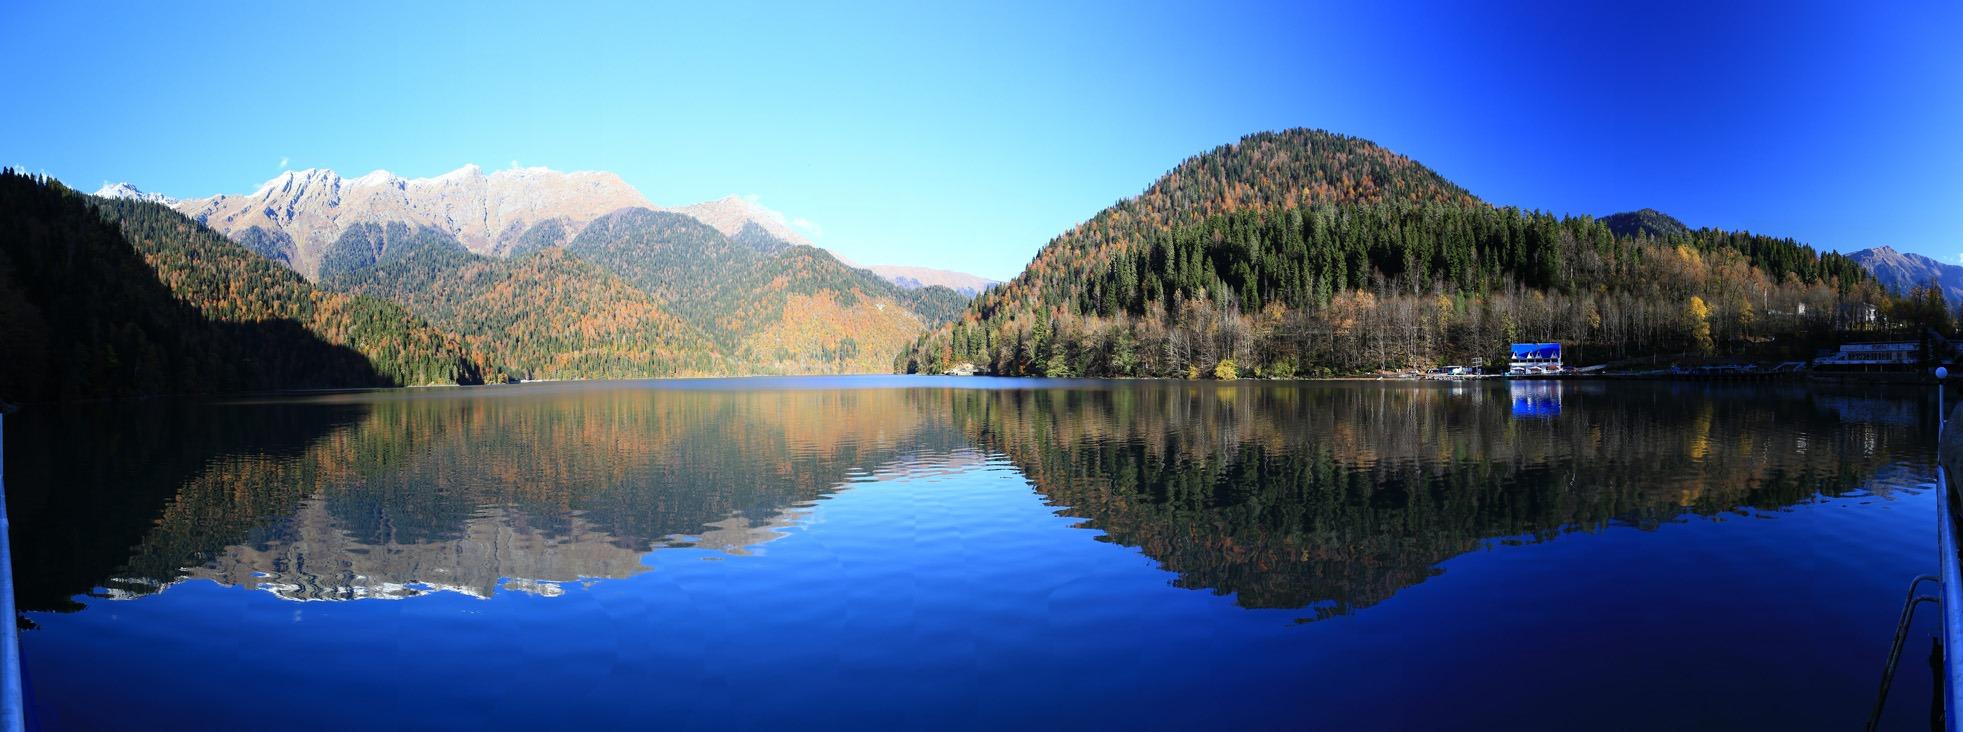 panorama_ritza_abkhazija_ozero_ritza_lake